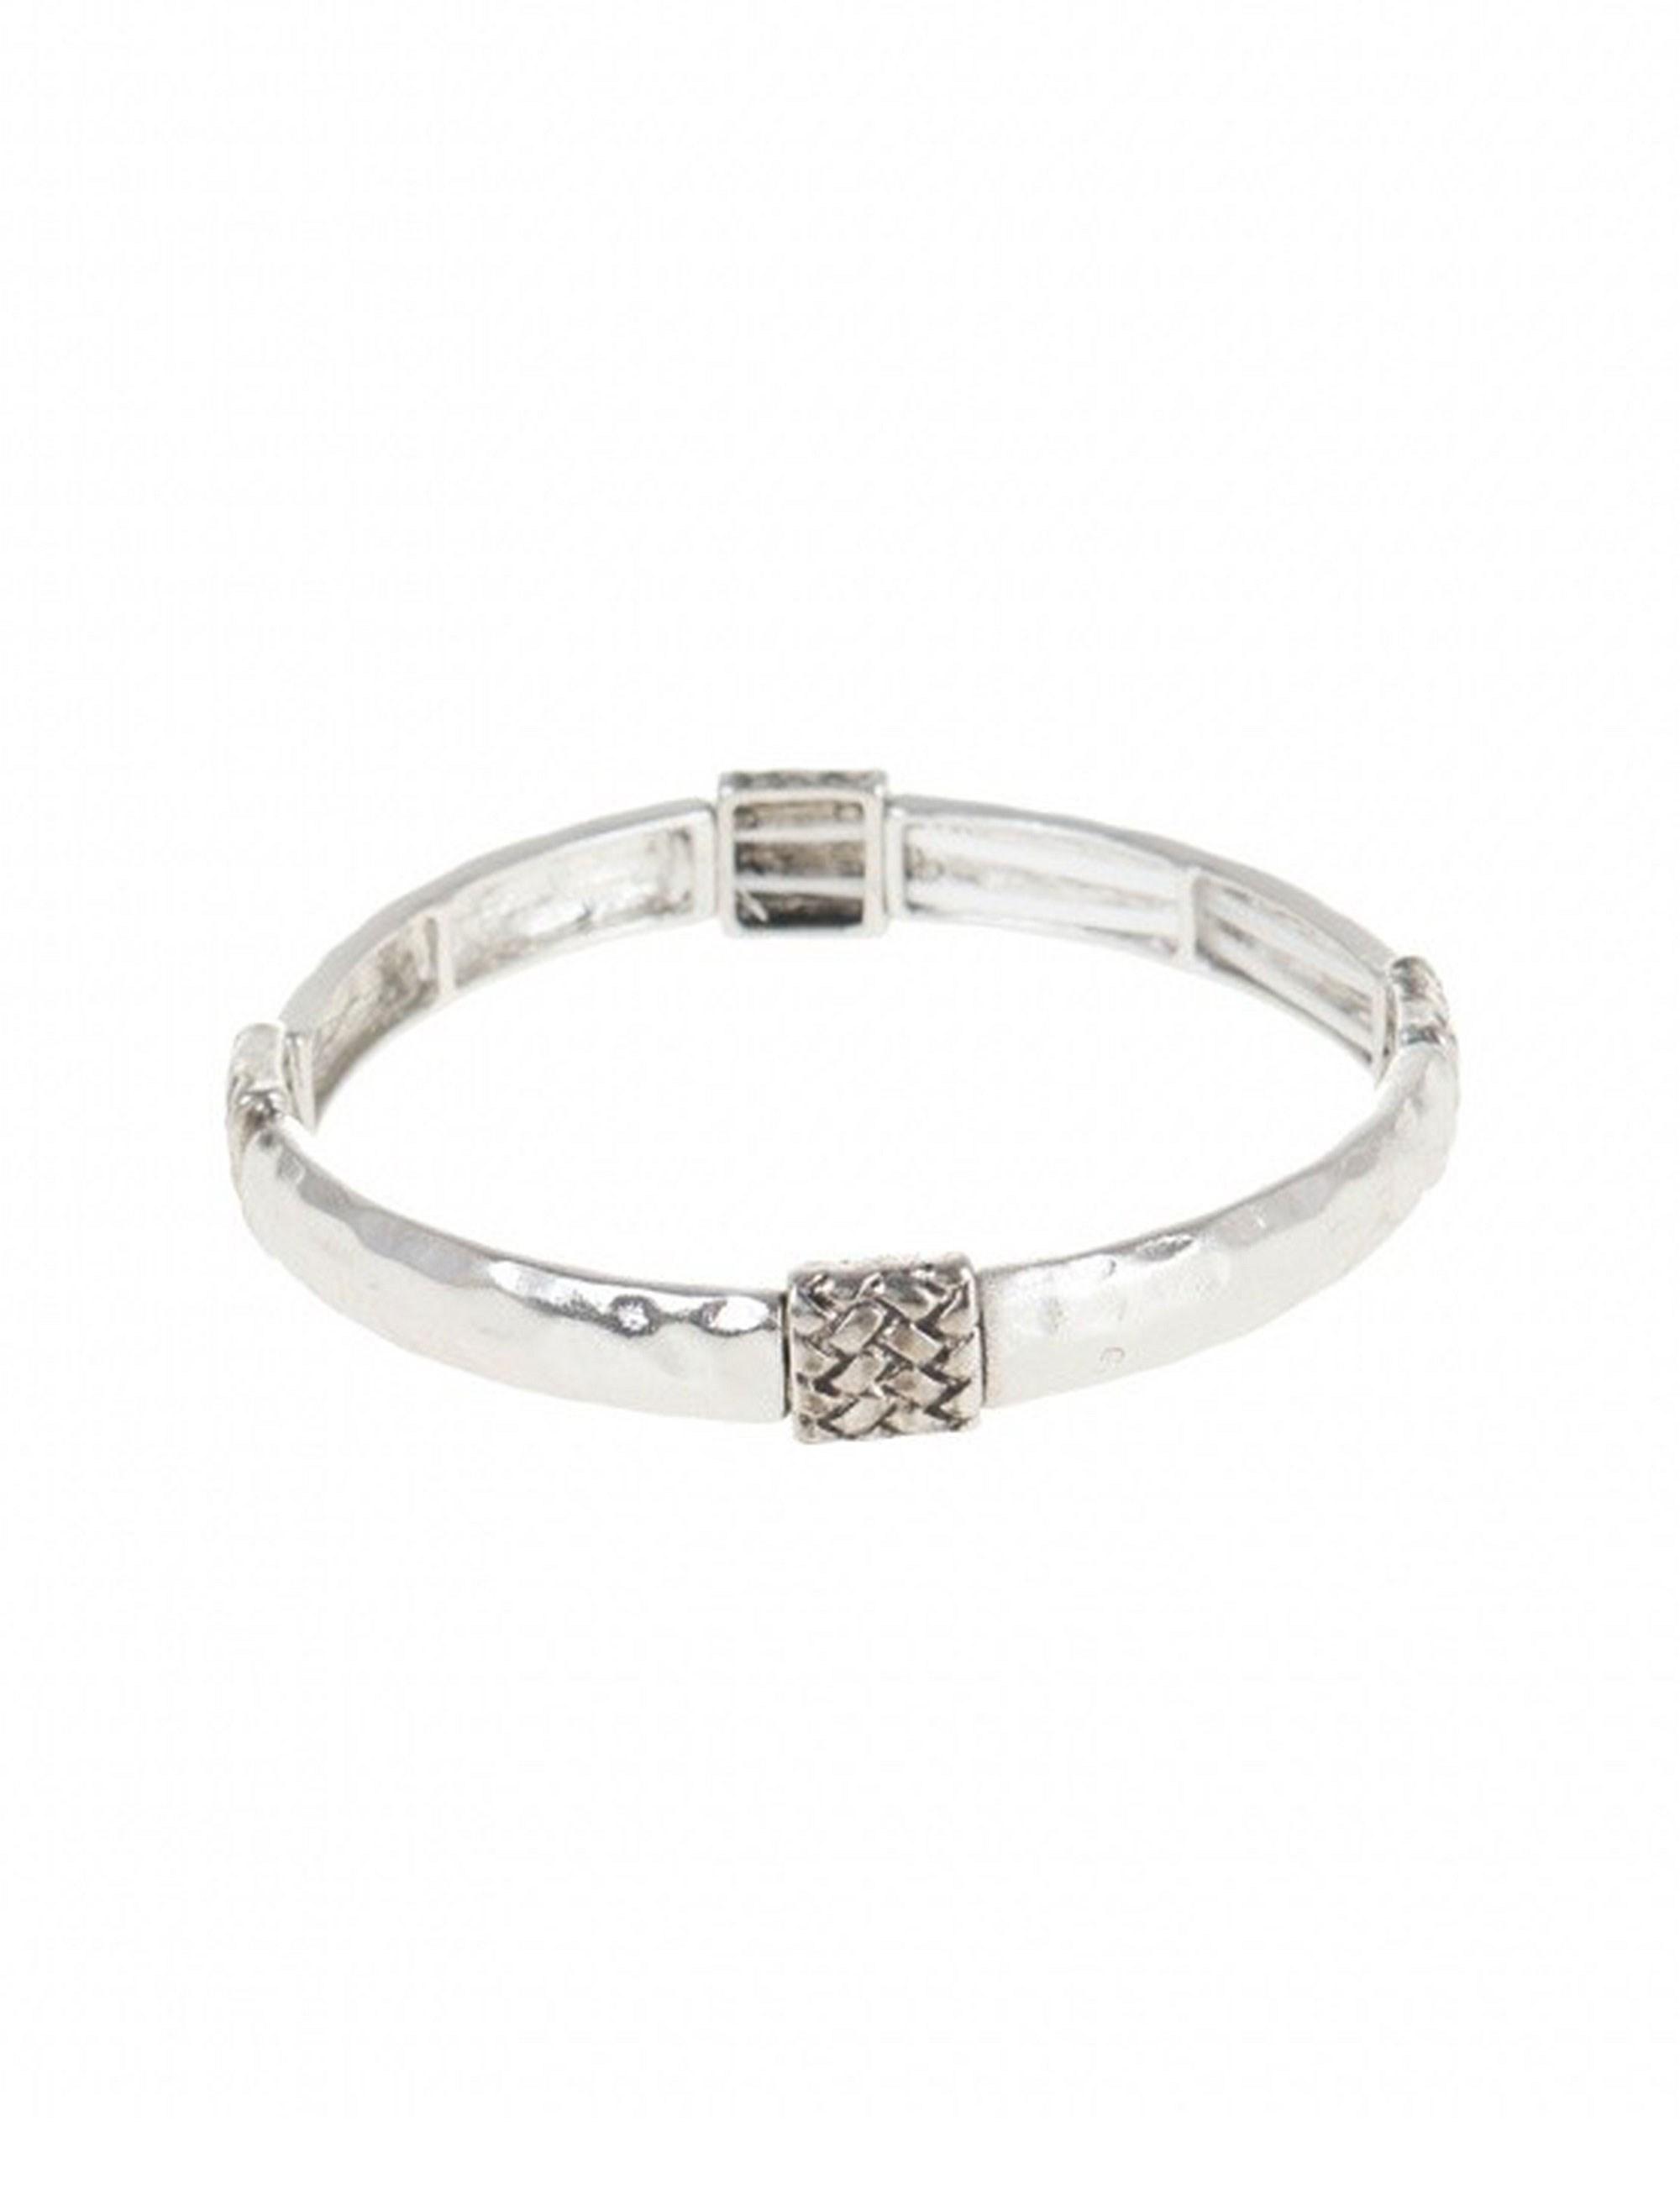 دستبند کشی زنانه - پارفوا تک سایز - نقره اي - 2